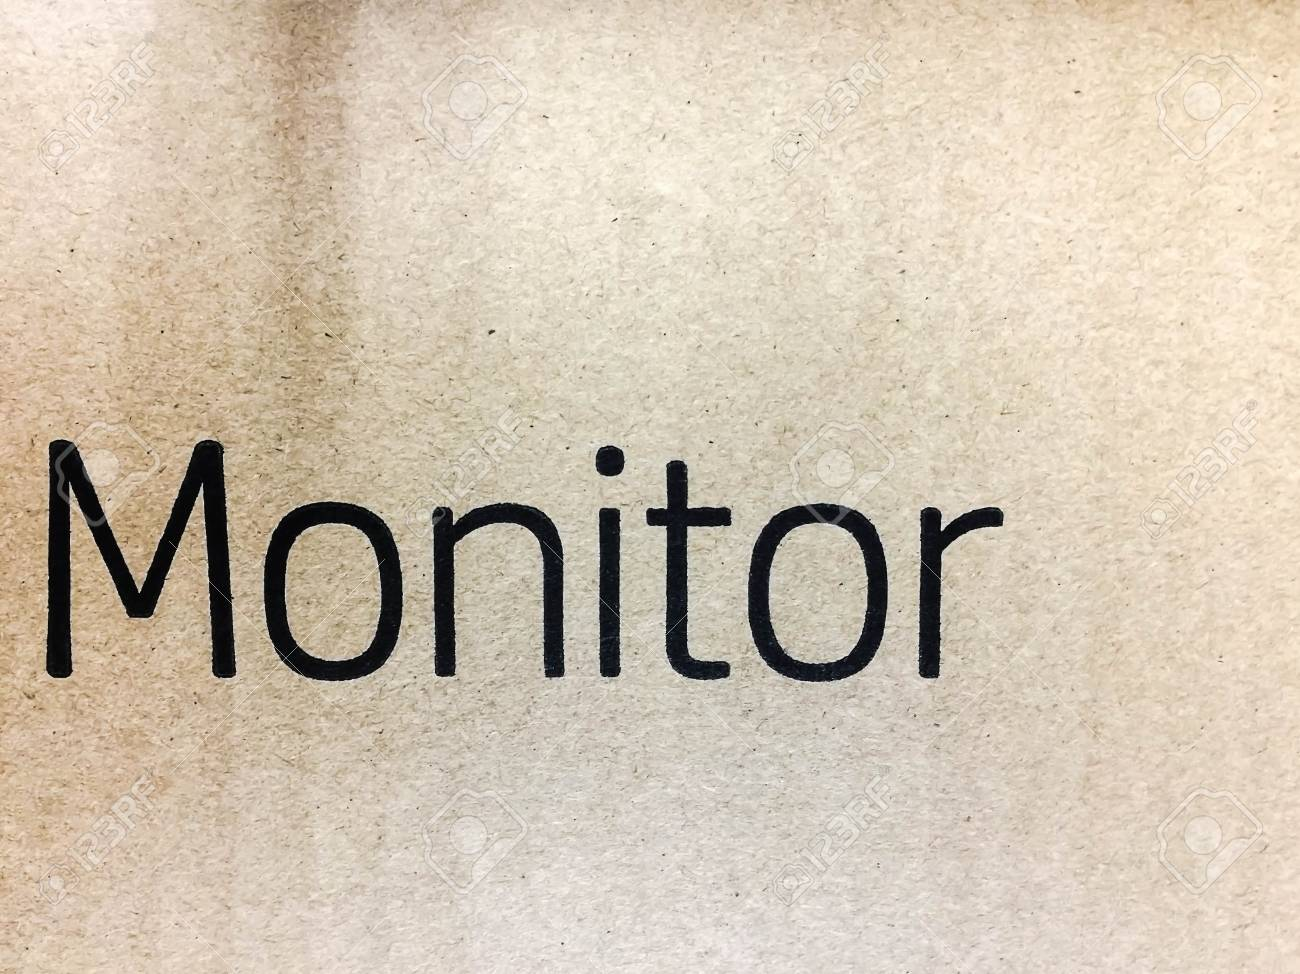 Bunte Braune Papier Textur Hintergrund Mit Monitor Wort Lizenzfreie